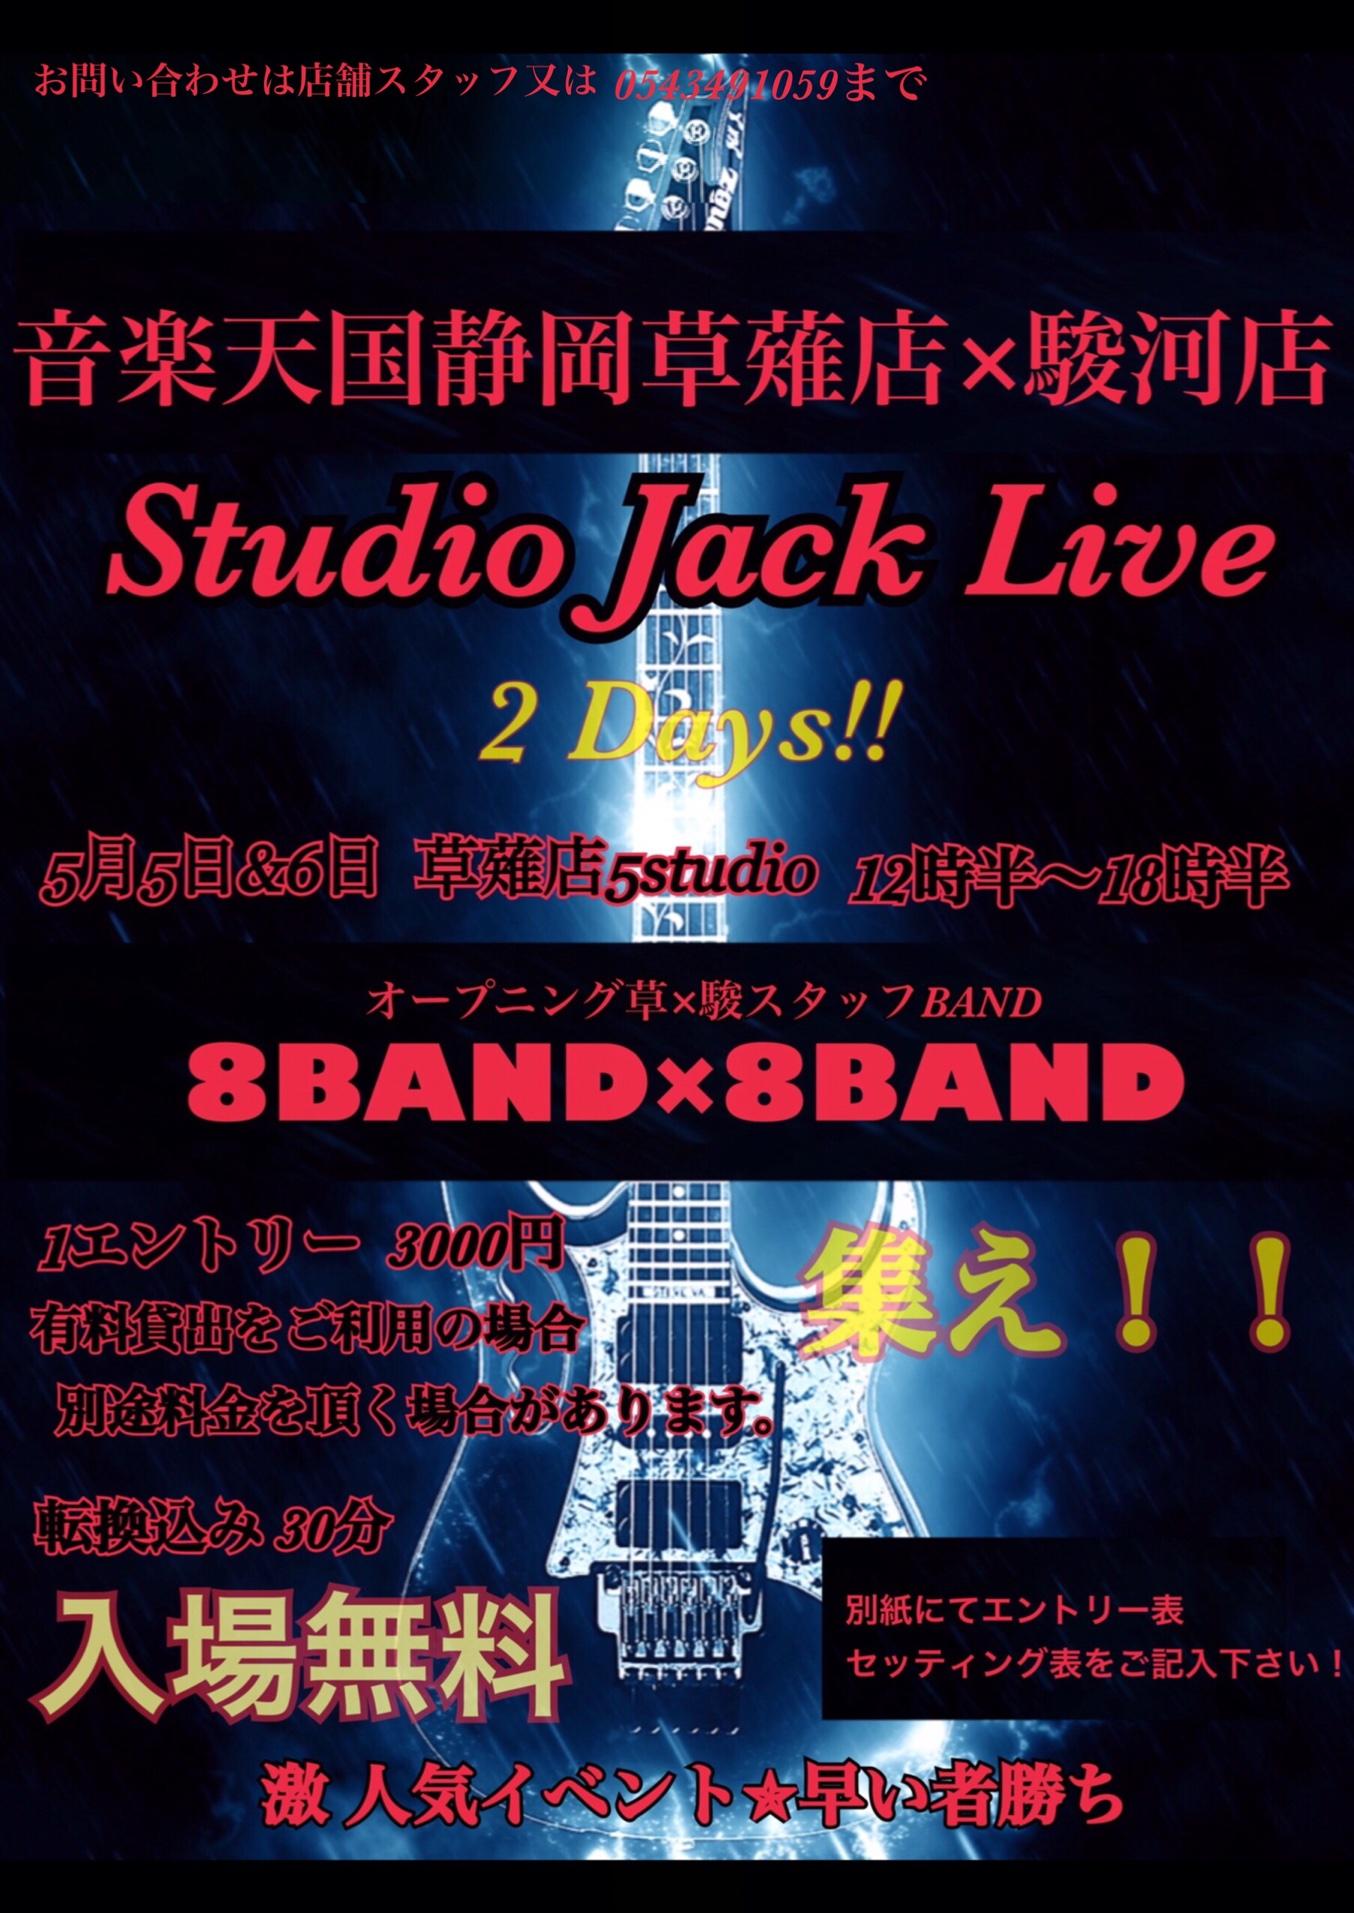 【オープンイベント】スタジオジャックライブ静岡草薙店×駿河店、5月5日(日)・6日(月)開催!